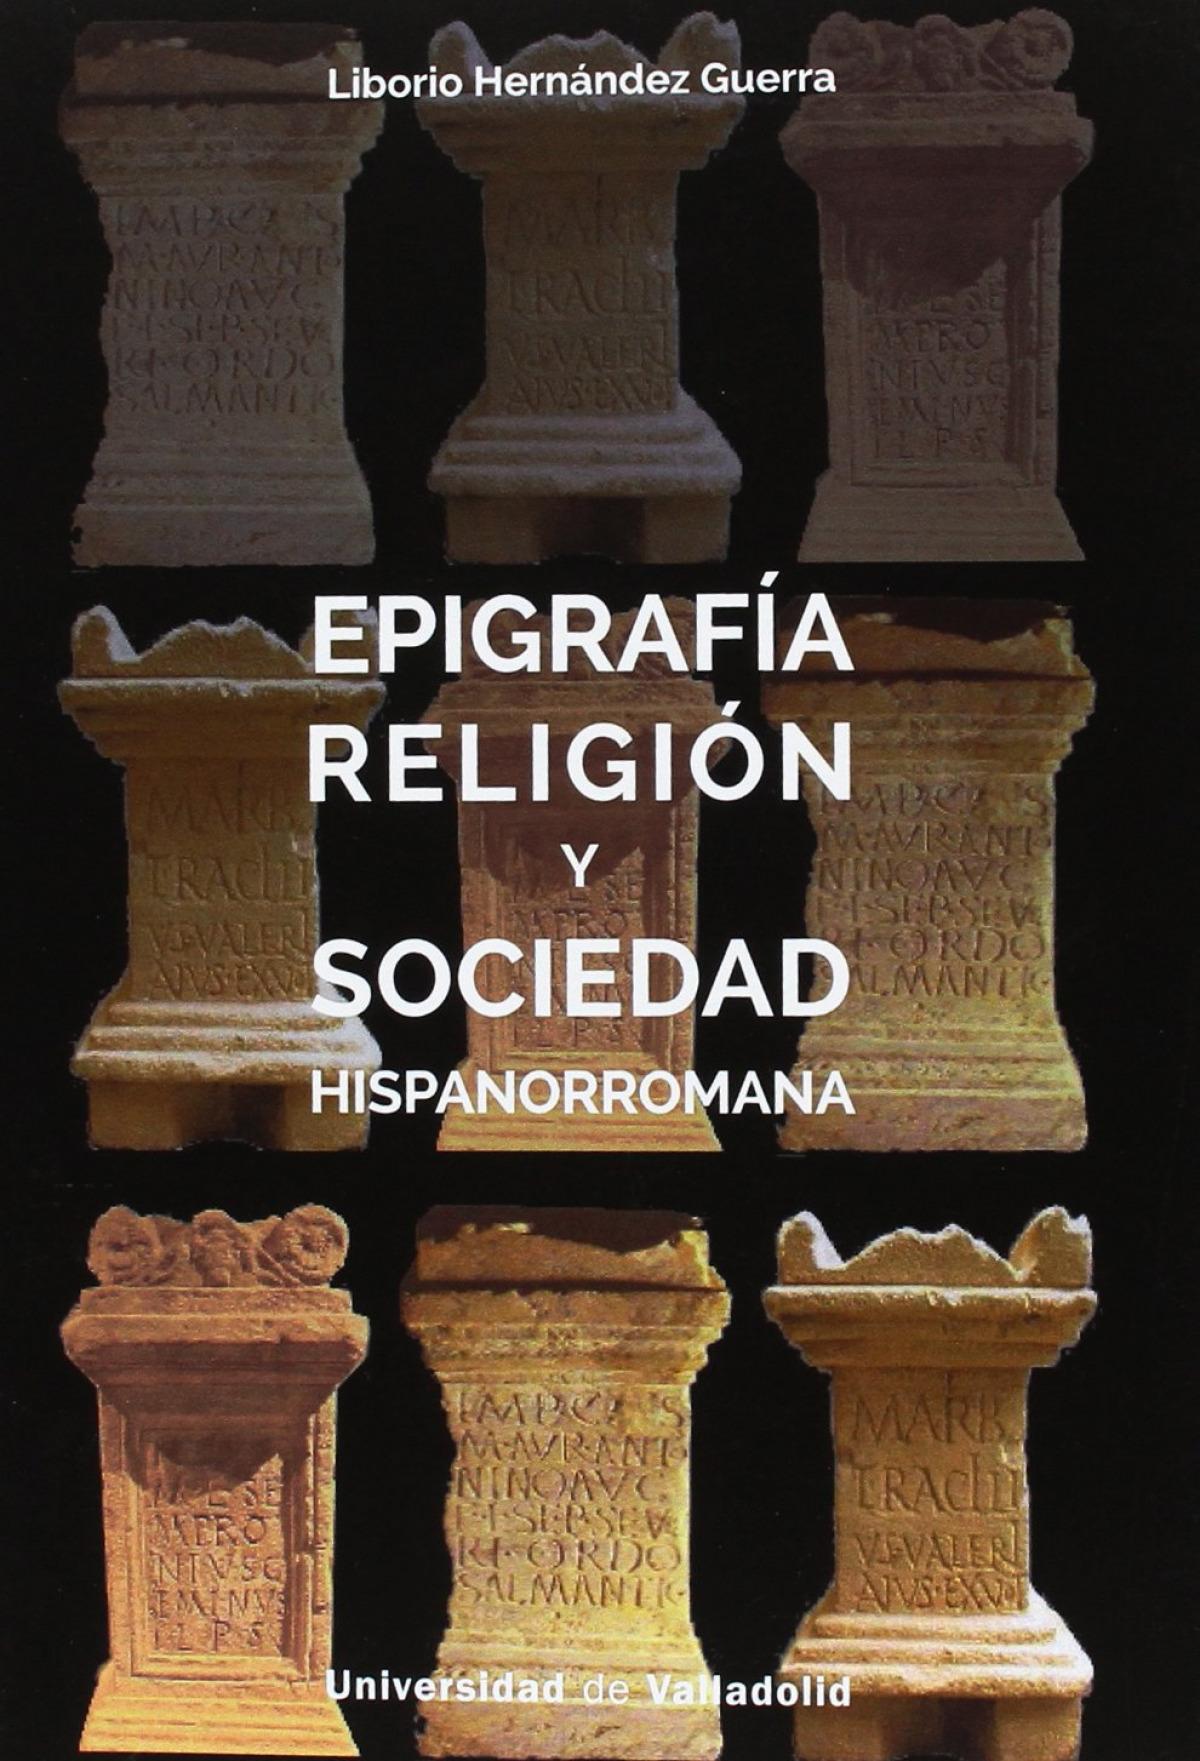 EPIFRAFÍA, RELIGIÓN Y SOCIEDAD HISPANORROMANA